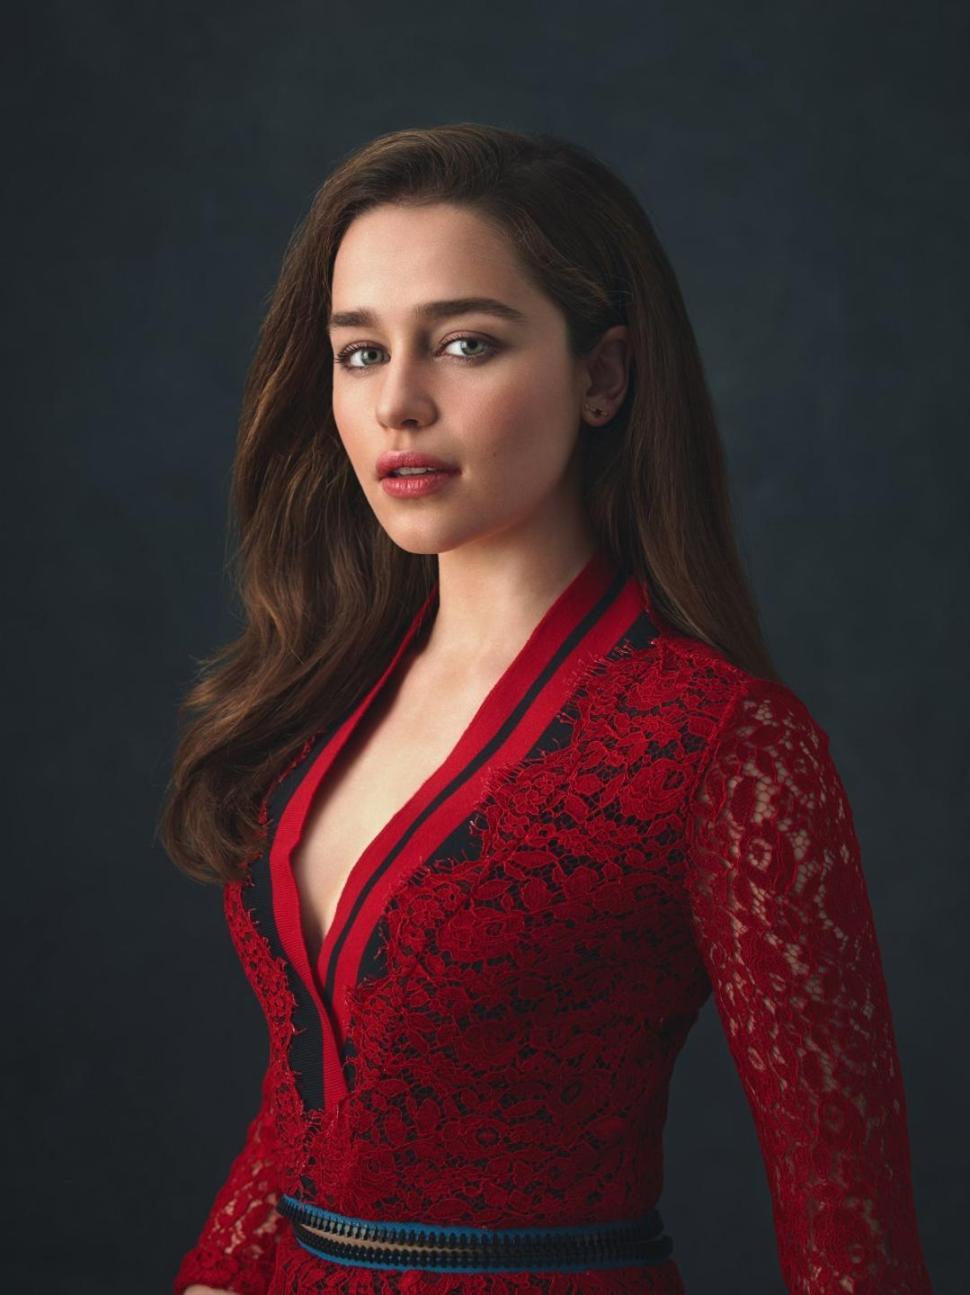 Emilia Clarke Photoshot